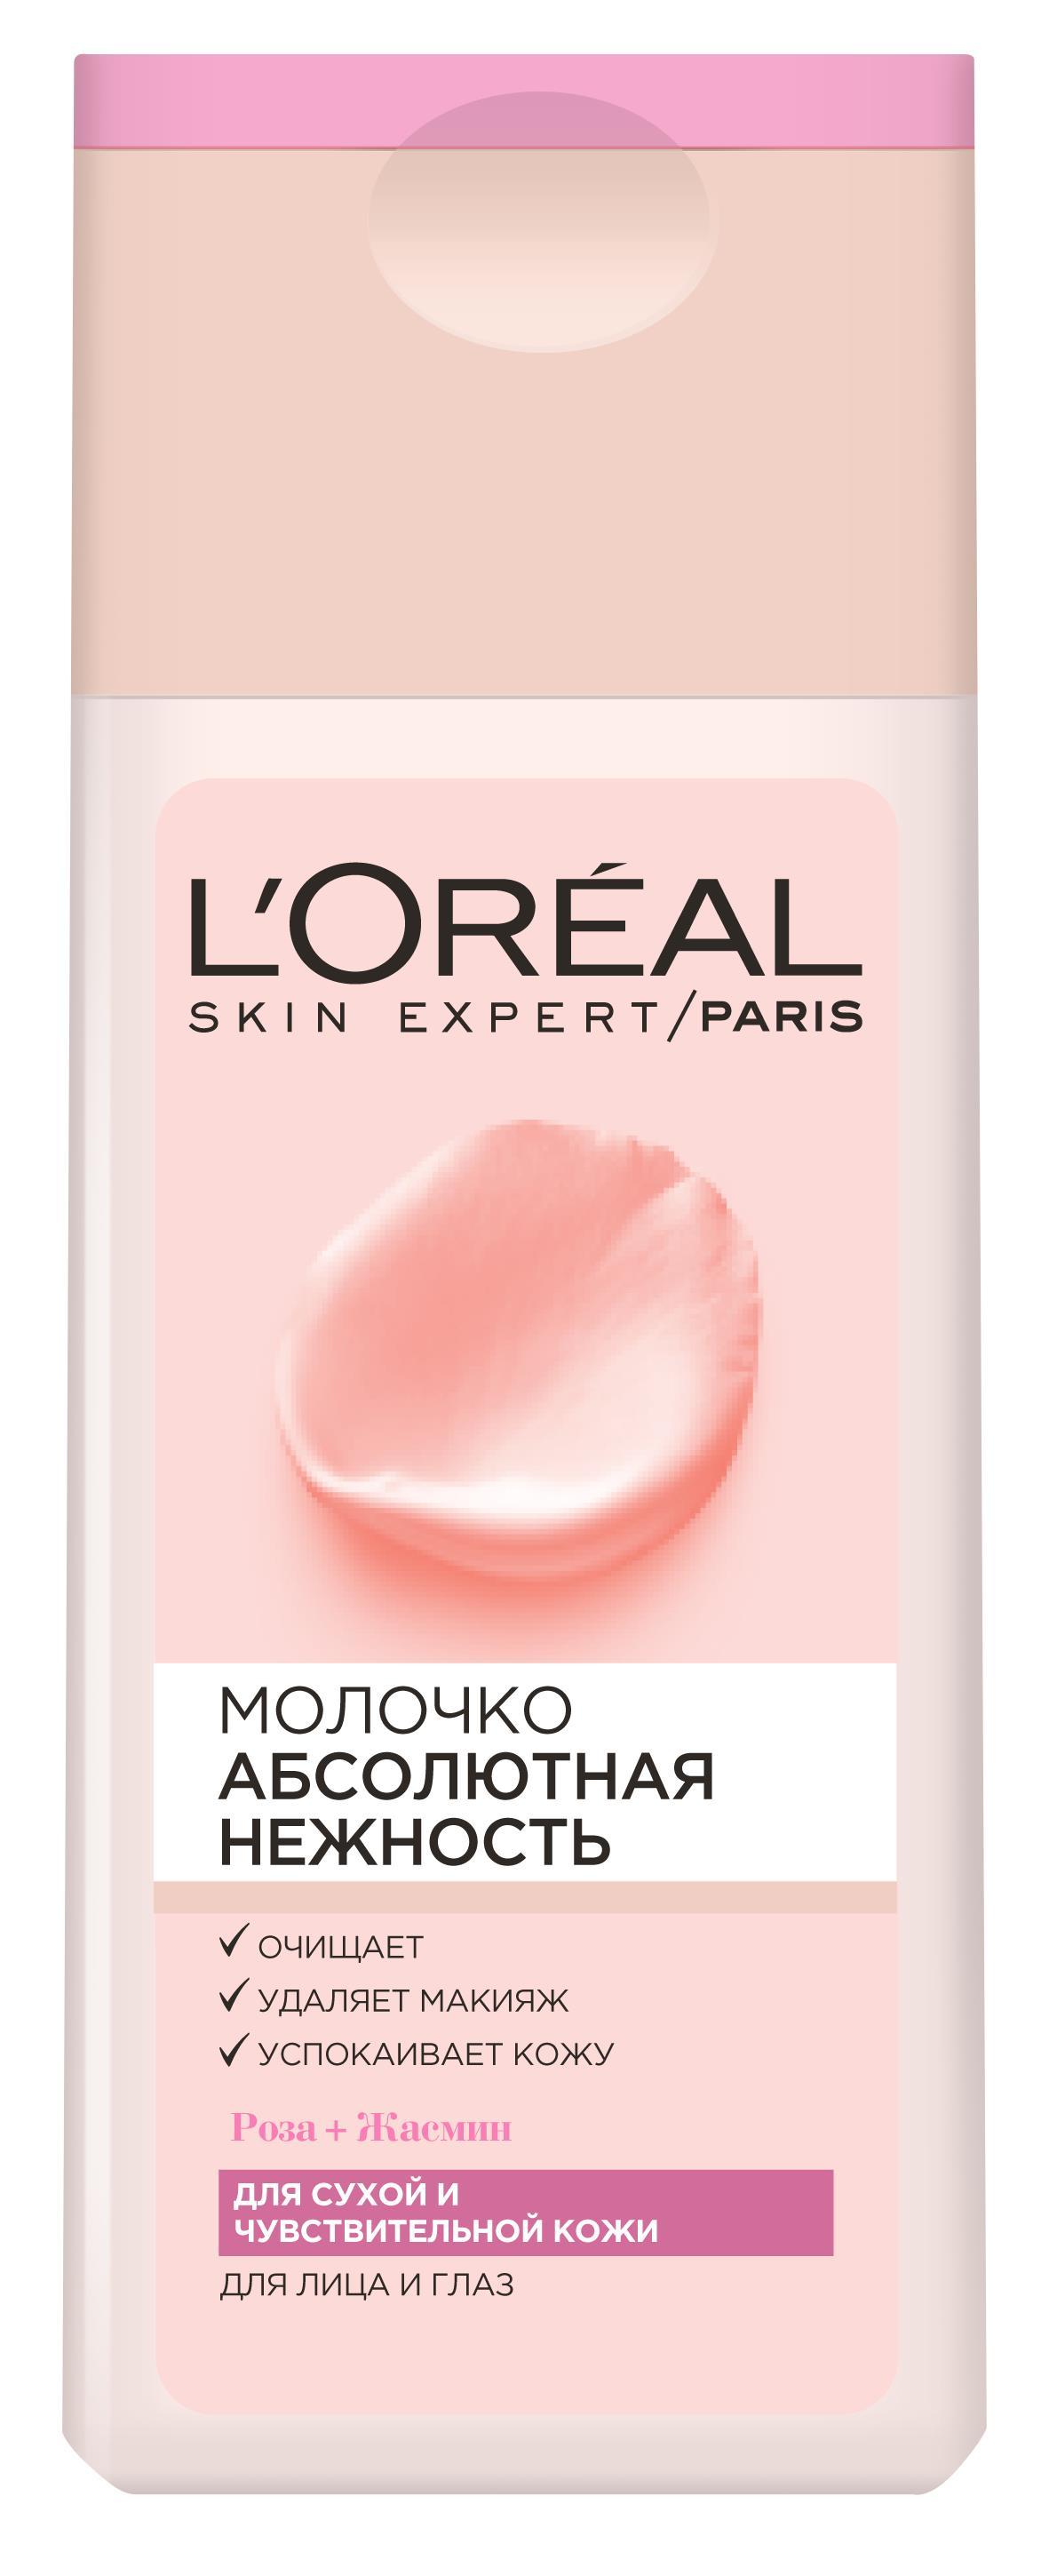 LOreal Paris Абсолютная Нежность Очищающее молочко для лица и глаз для сухой и чувствительной кожи, гипоаллергенное, 200млA7084500Очищающее молочко для лица «Абсолютная нежность» от Лореаль Париж разработано для ухода за сухой и чувствительной кожей. В составформулы входят смягчающие компоненты, которые бережно удаляют косметические средства с кожи лица и глаз, питают кожу, оставляя ощущения нежности и комфорта. Мгновенный эффект: кожа мягкая и увлажненная. После использования день за днем кожа становится нежной, более мягкой и красивой. Тонкий цветочный аромат позволит вам получить истинное удовольствие от чувственный опыт от ухода за кожей.Содержит экстракт розы, известный своими успокаивающими свойствами и способностью уменьшать ощущение дискомфорта, и экстракт жасмина, известный своими смягчающими и успокаивающими свойствами.